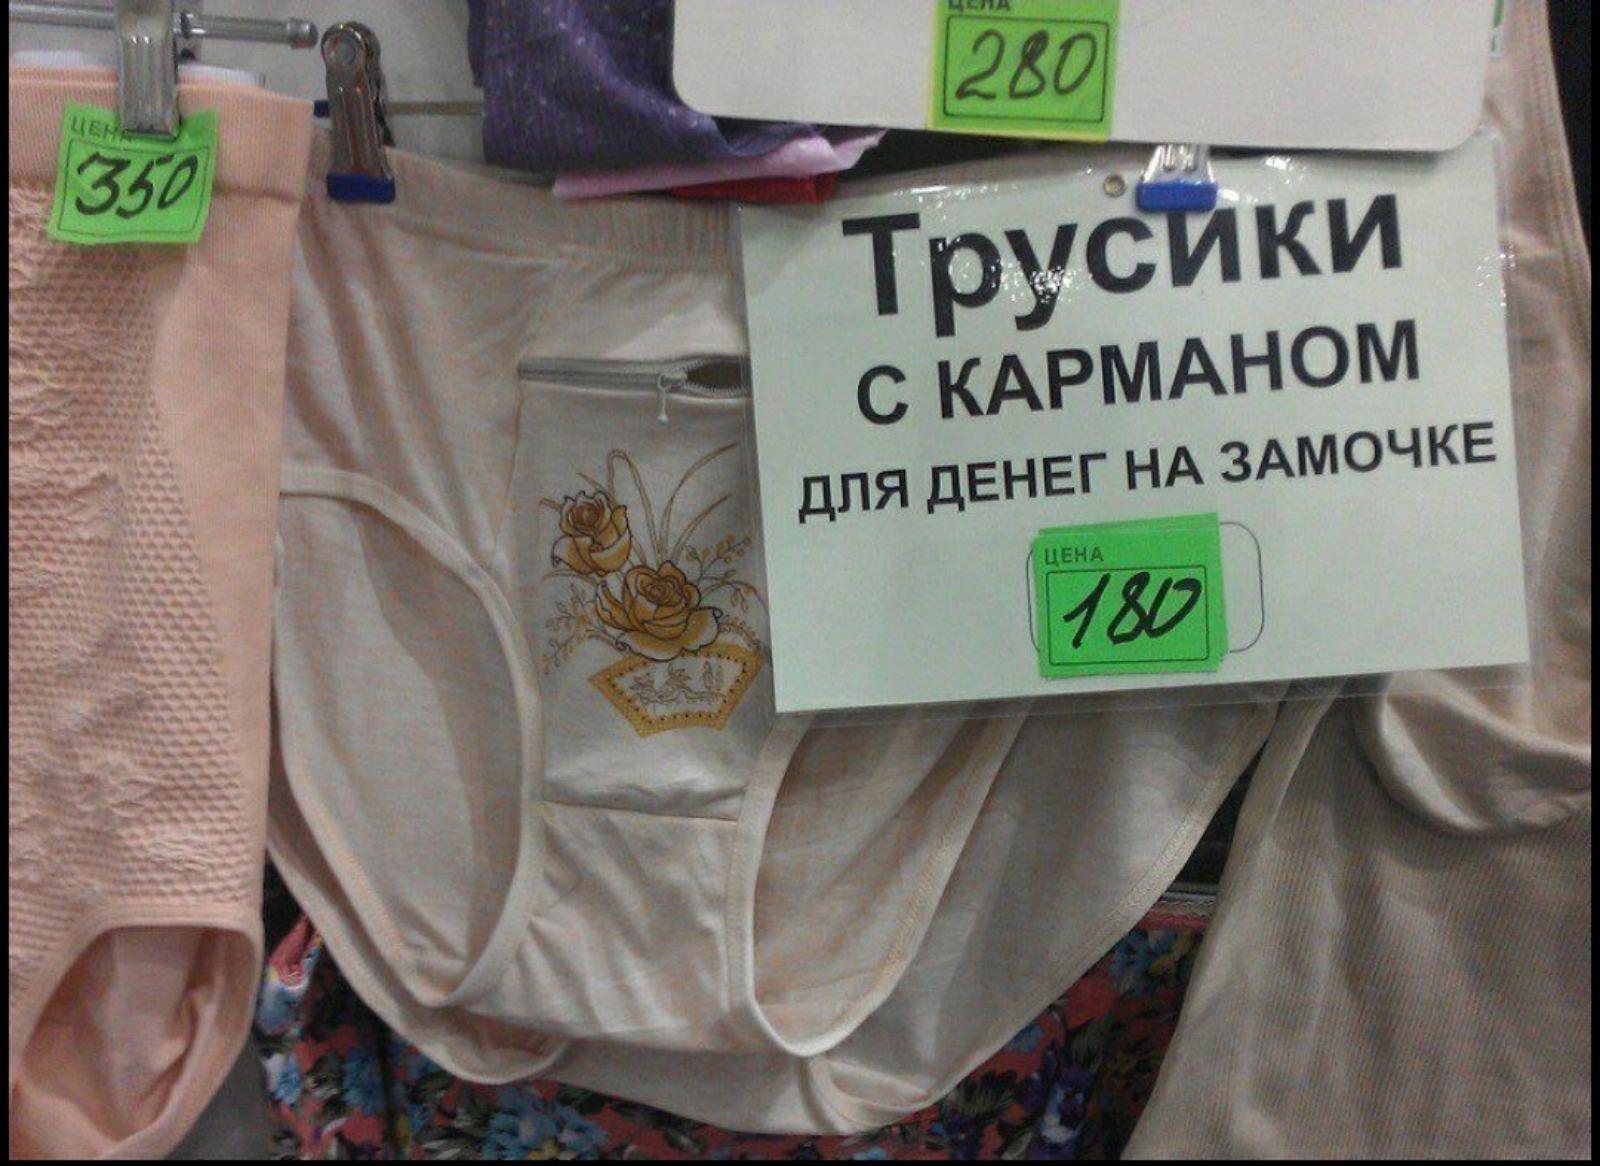 - Марьиванна, я вам дам 1000 рублей, а вы мне 5 поставьте... Весёлые,прикольные и забавные фотки и картинки,А так же анекдоты и приятное общение